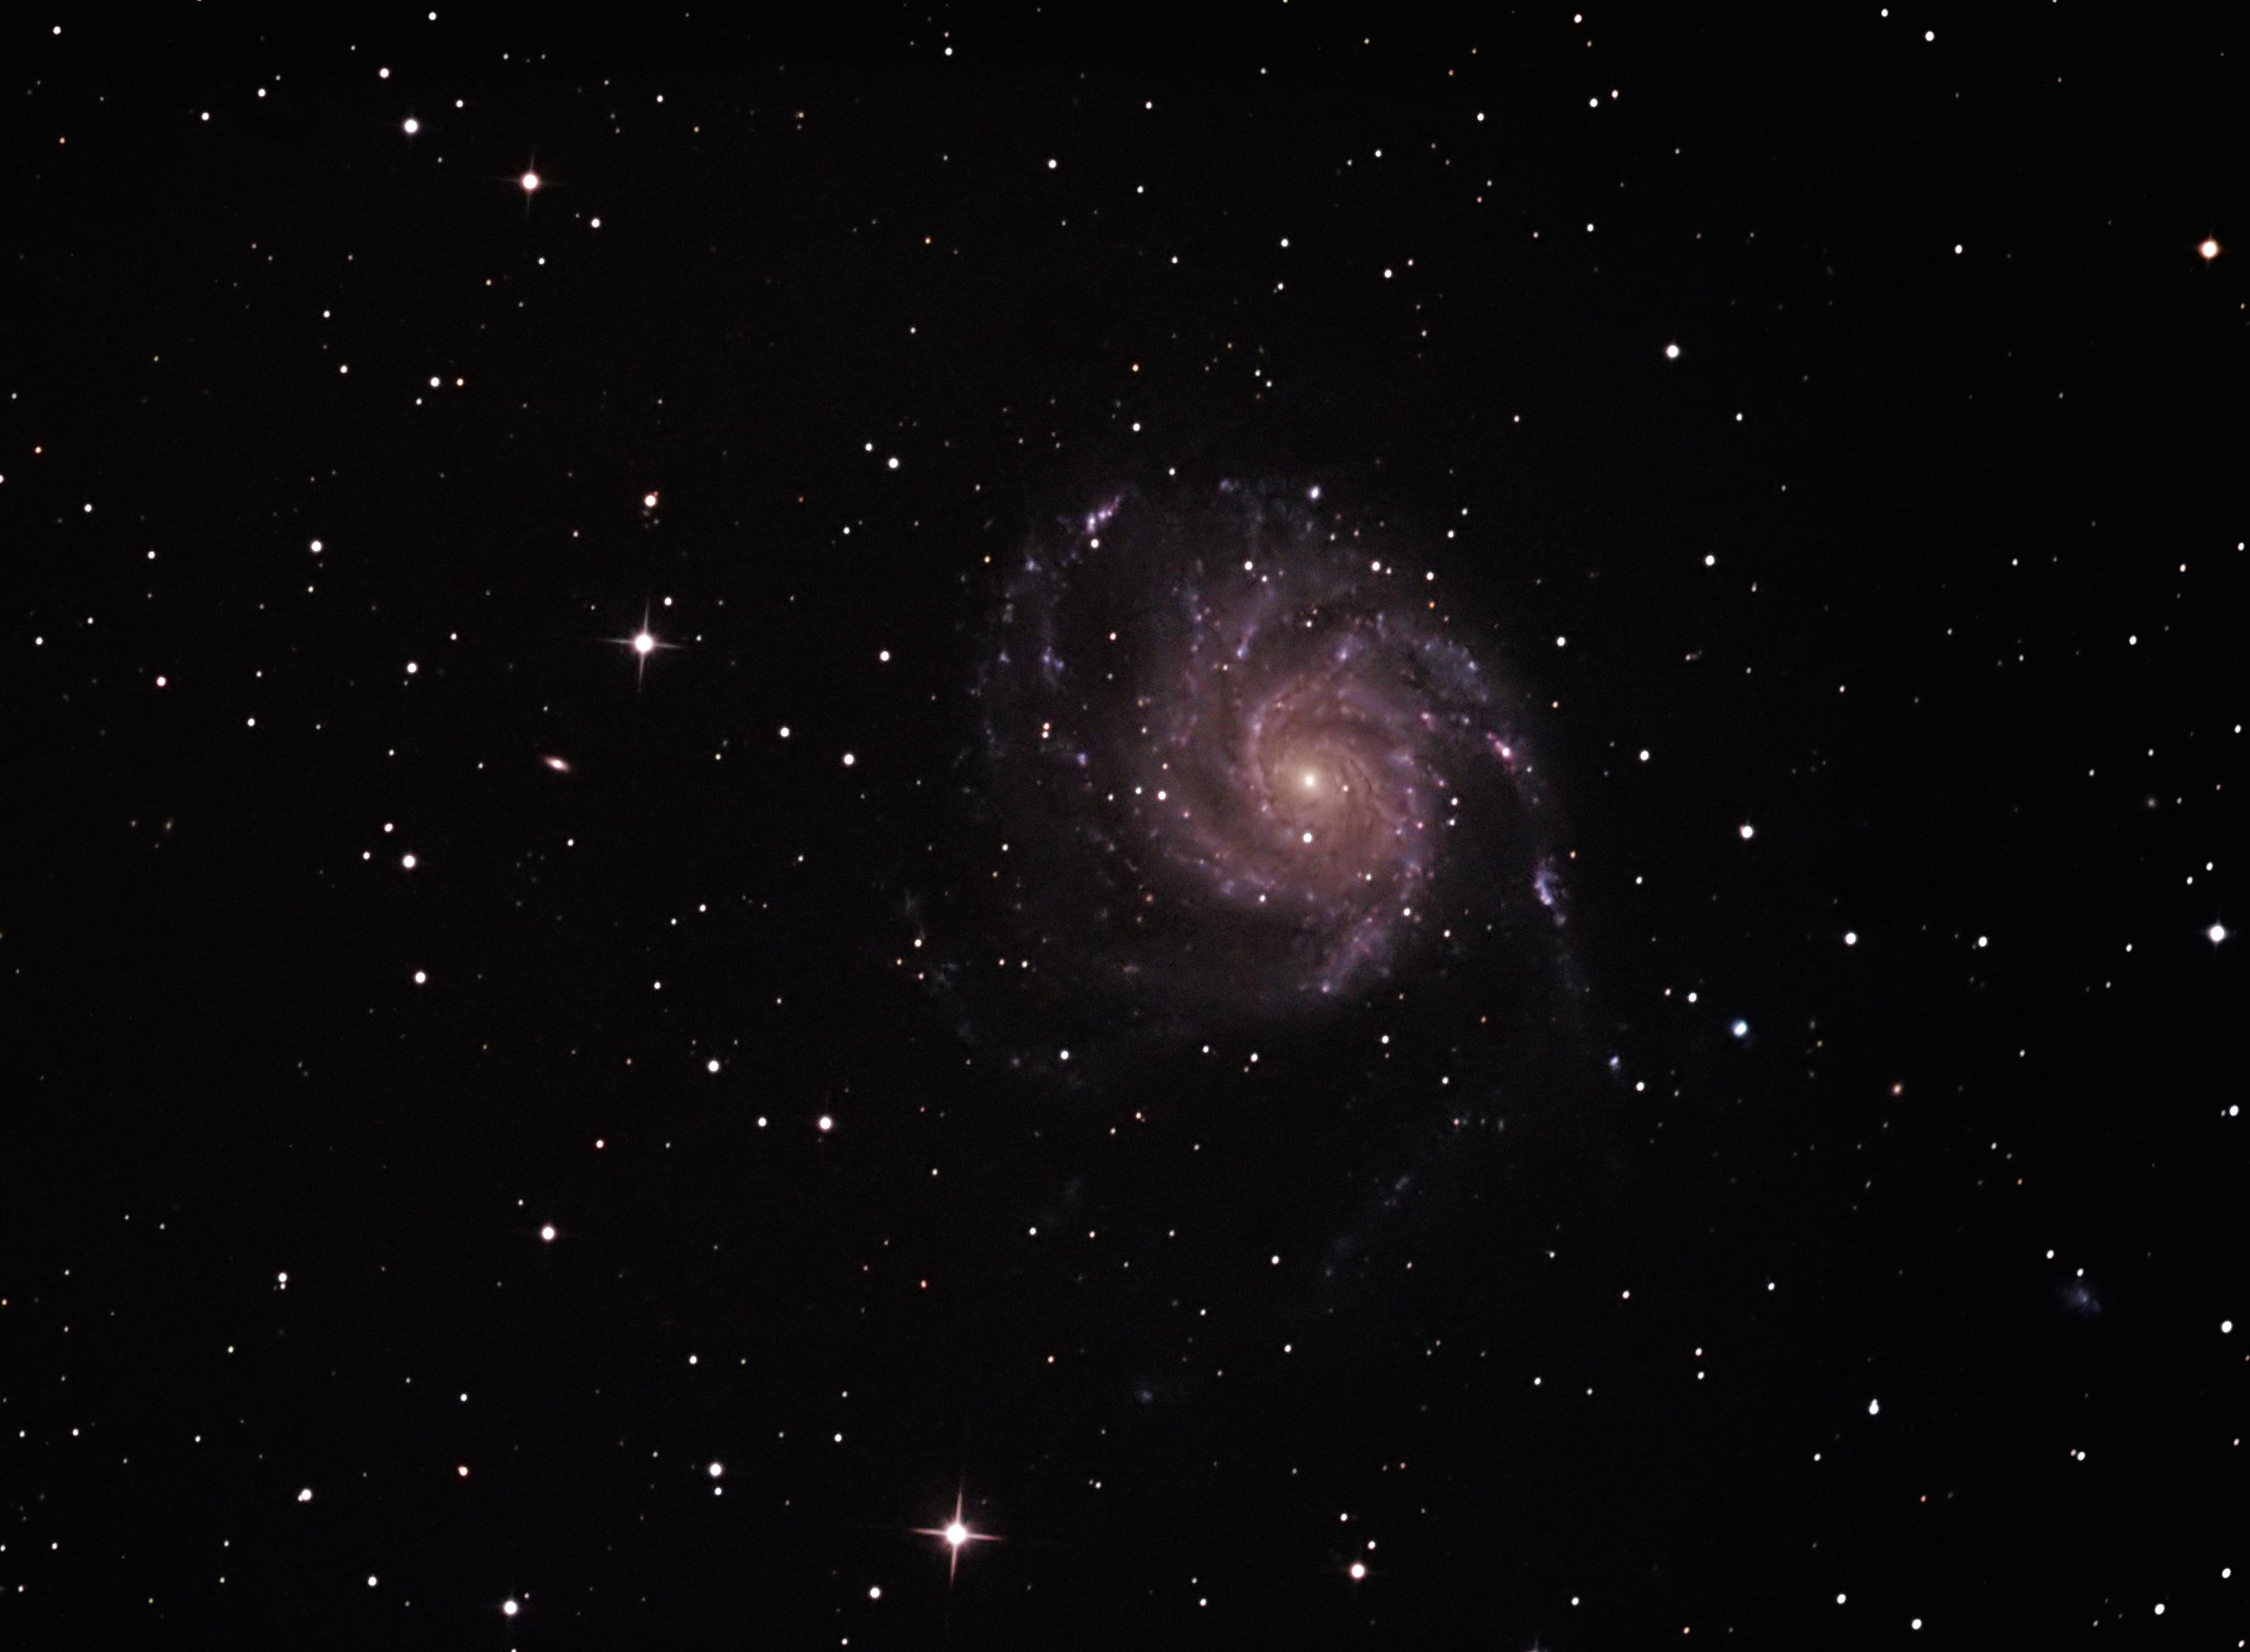 M101_Feuerradgalaxie_1060mm.jpg